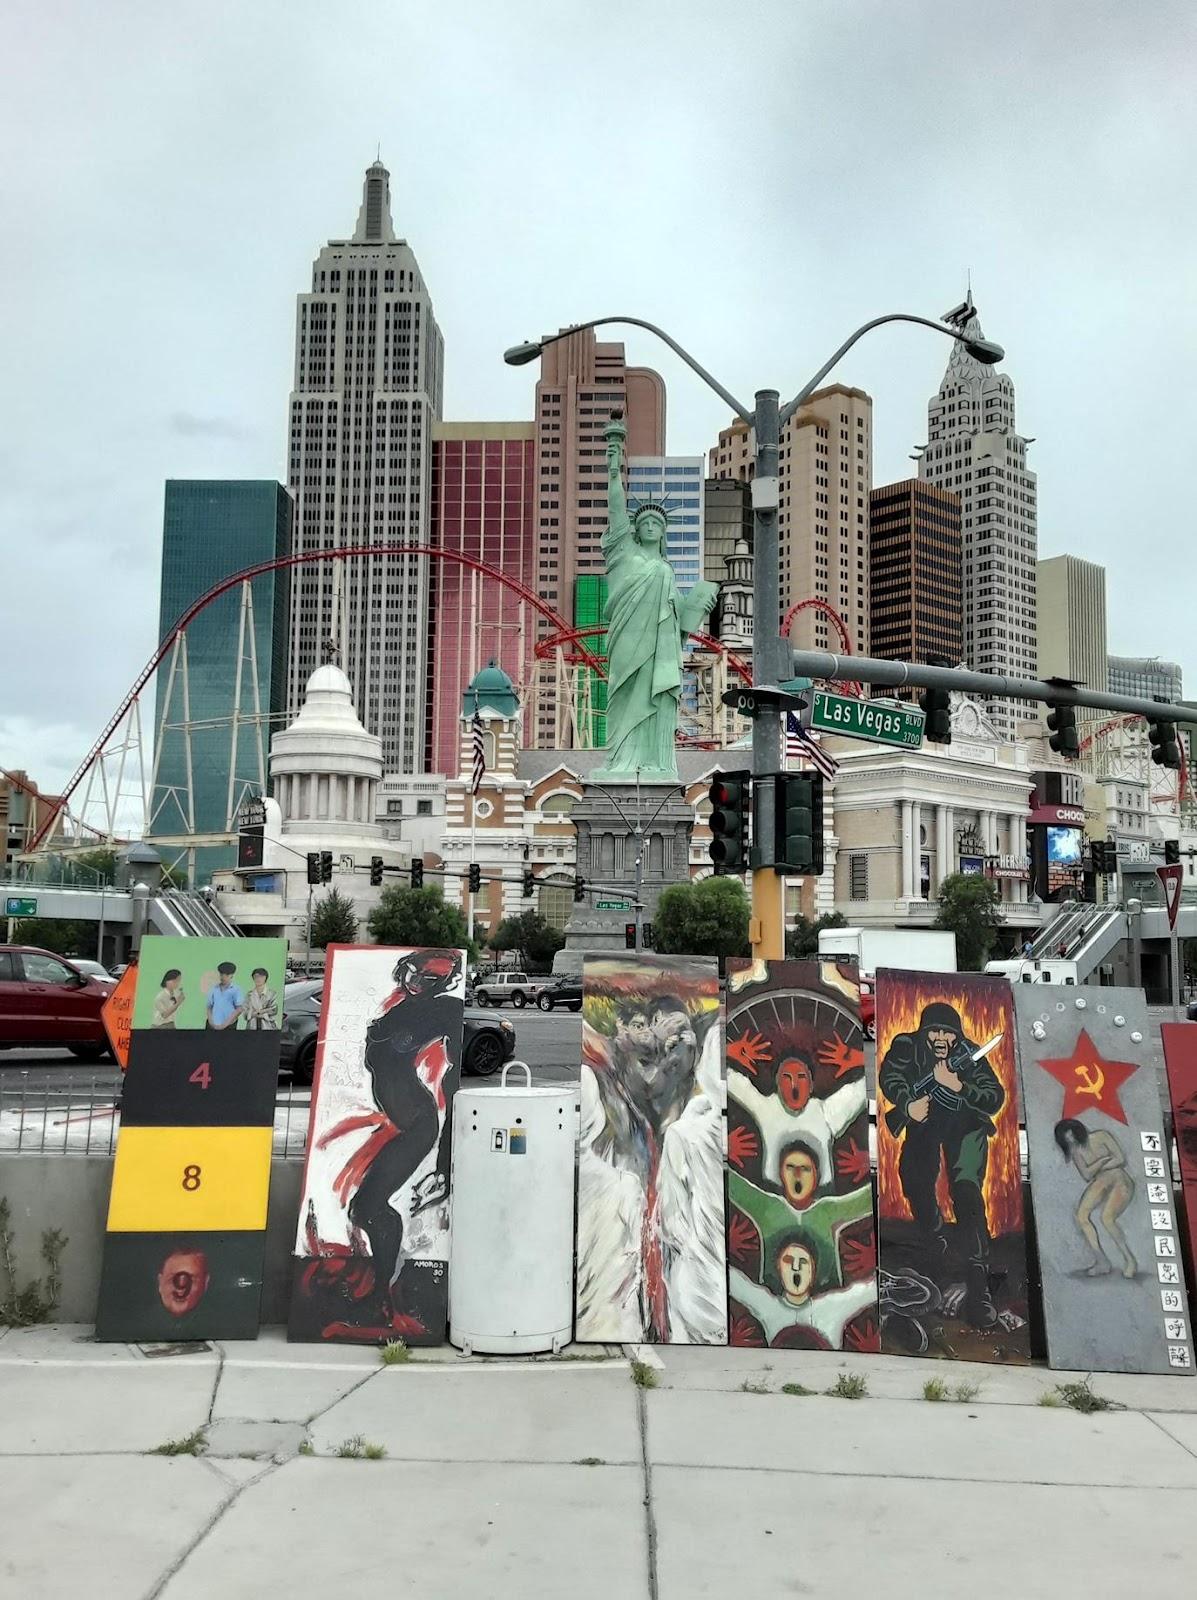 六四巡回画展经拉斯维加斯到达自由雕塑公园胜利结束